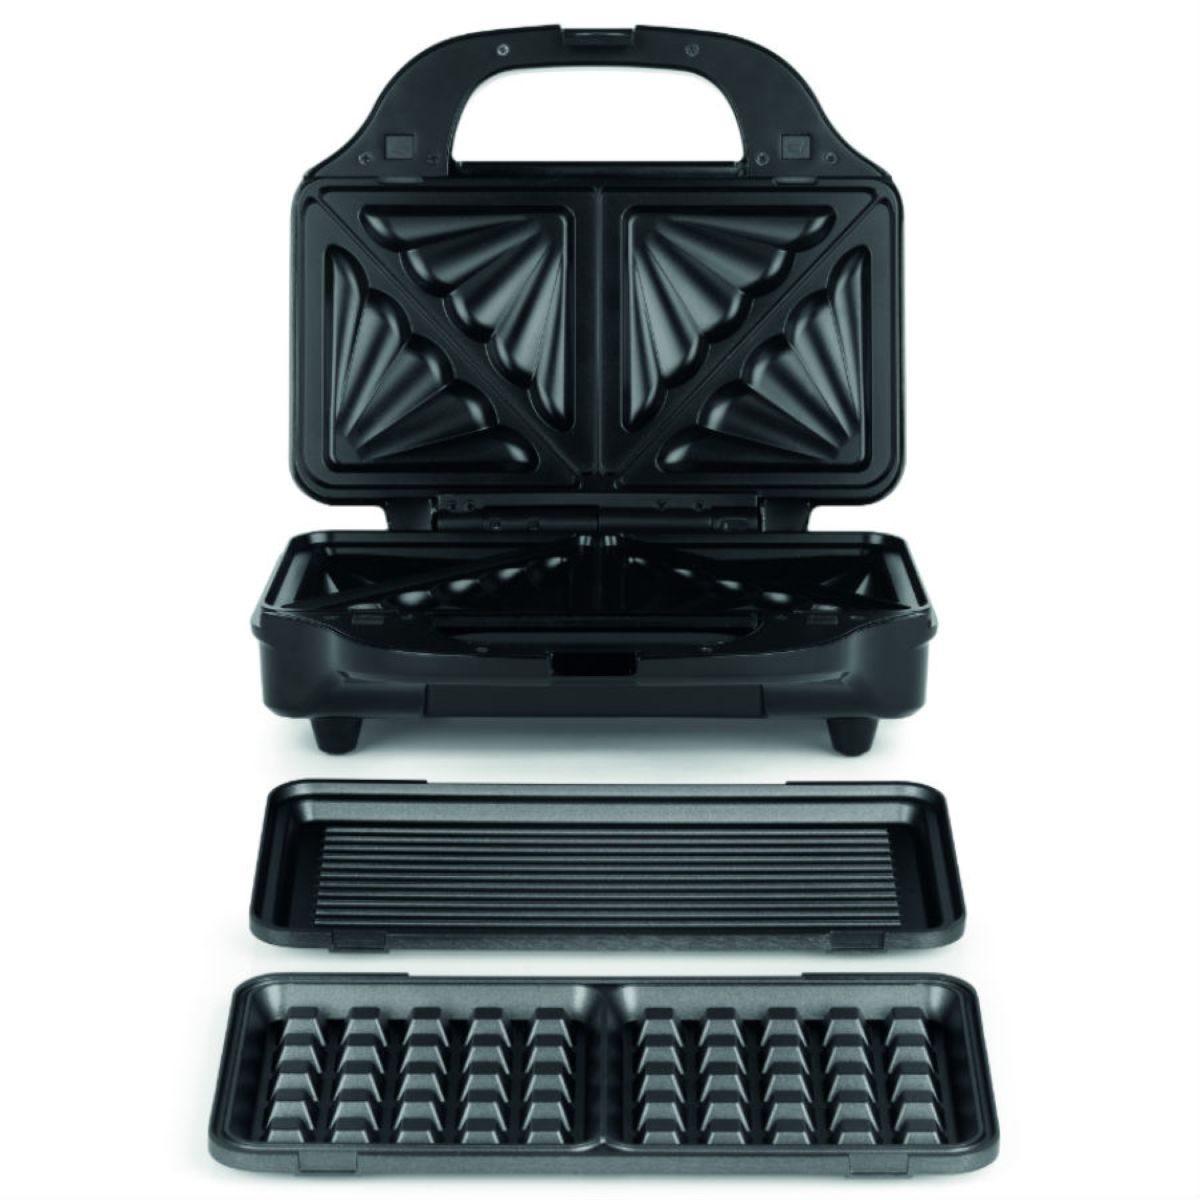 Salter EK2143 900W Deep Fill 3–in–1 Sandwich and Waffle Maker – Silver/Black